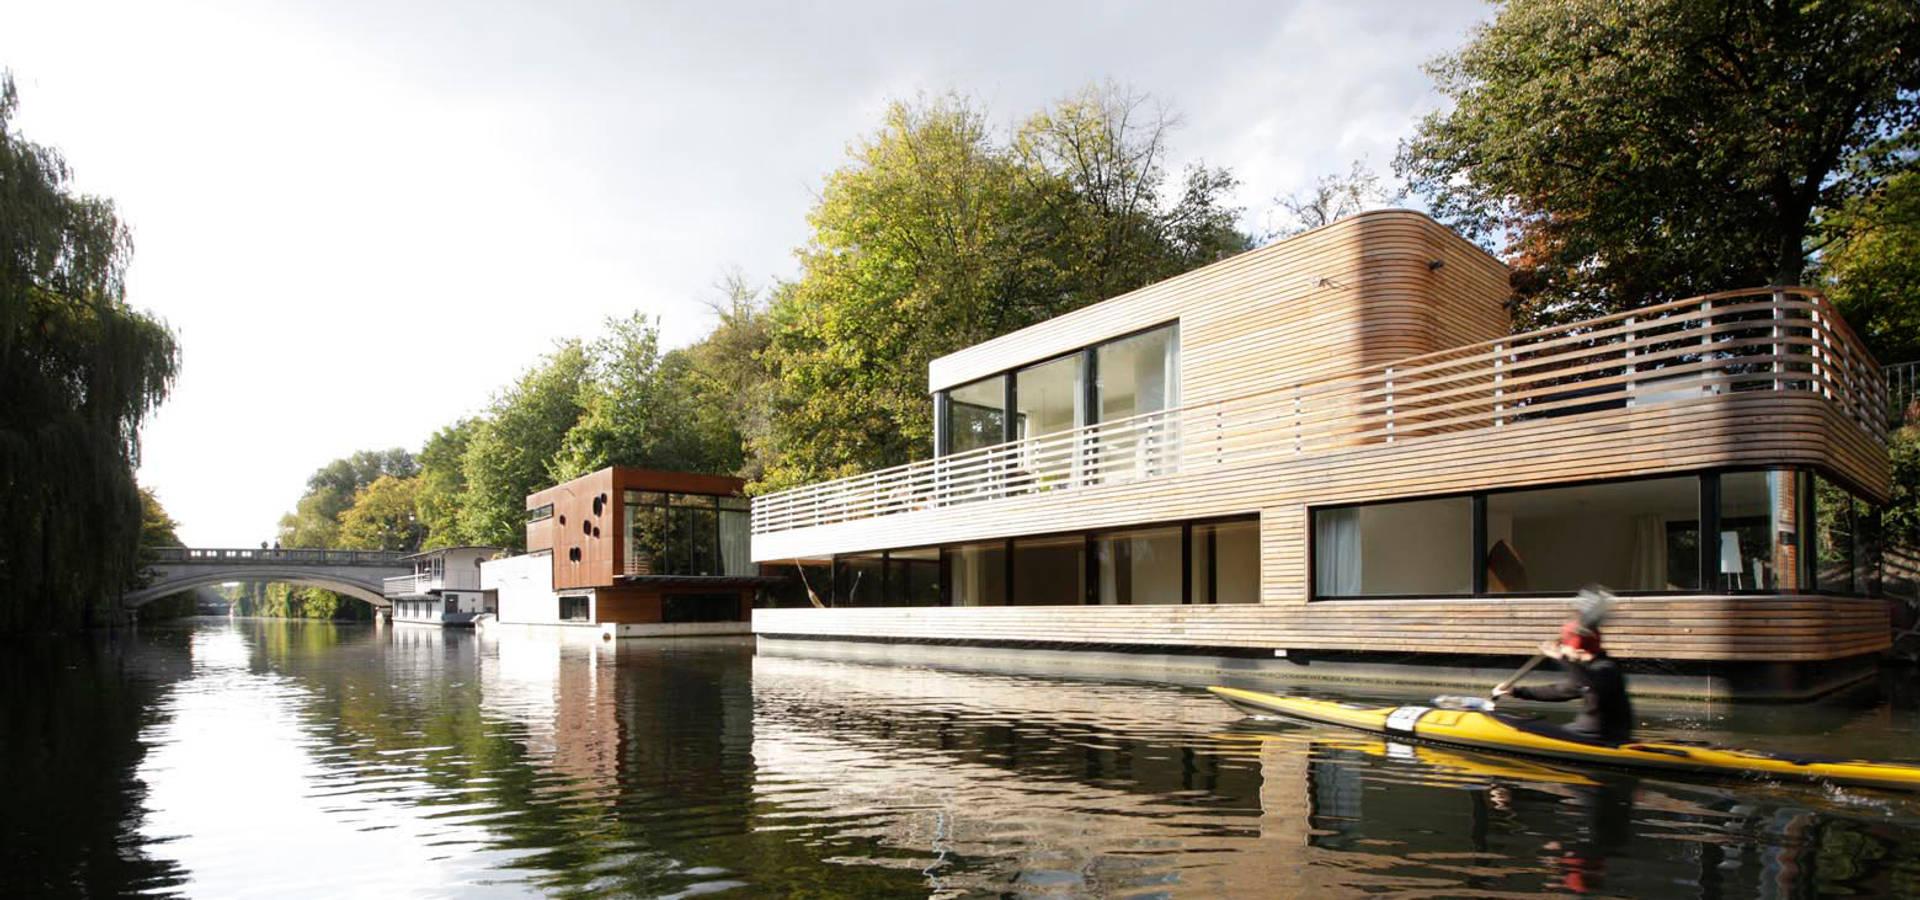 Hausboot Hamburg hausboot lykke l hamburg by rost niderehe architekten i